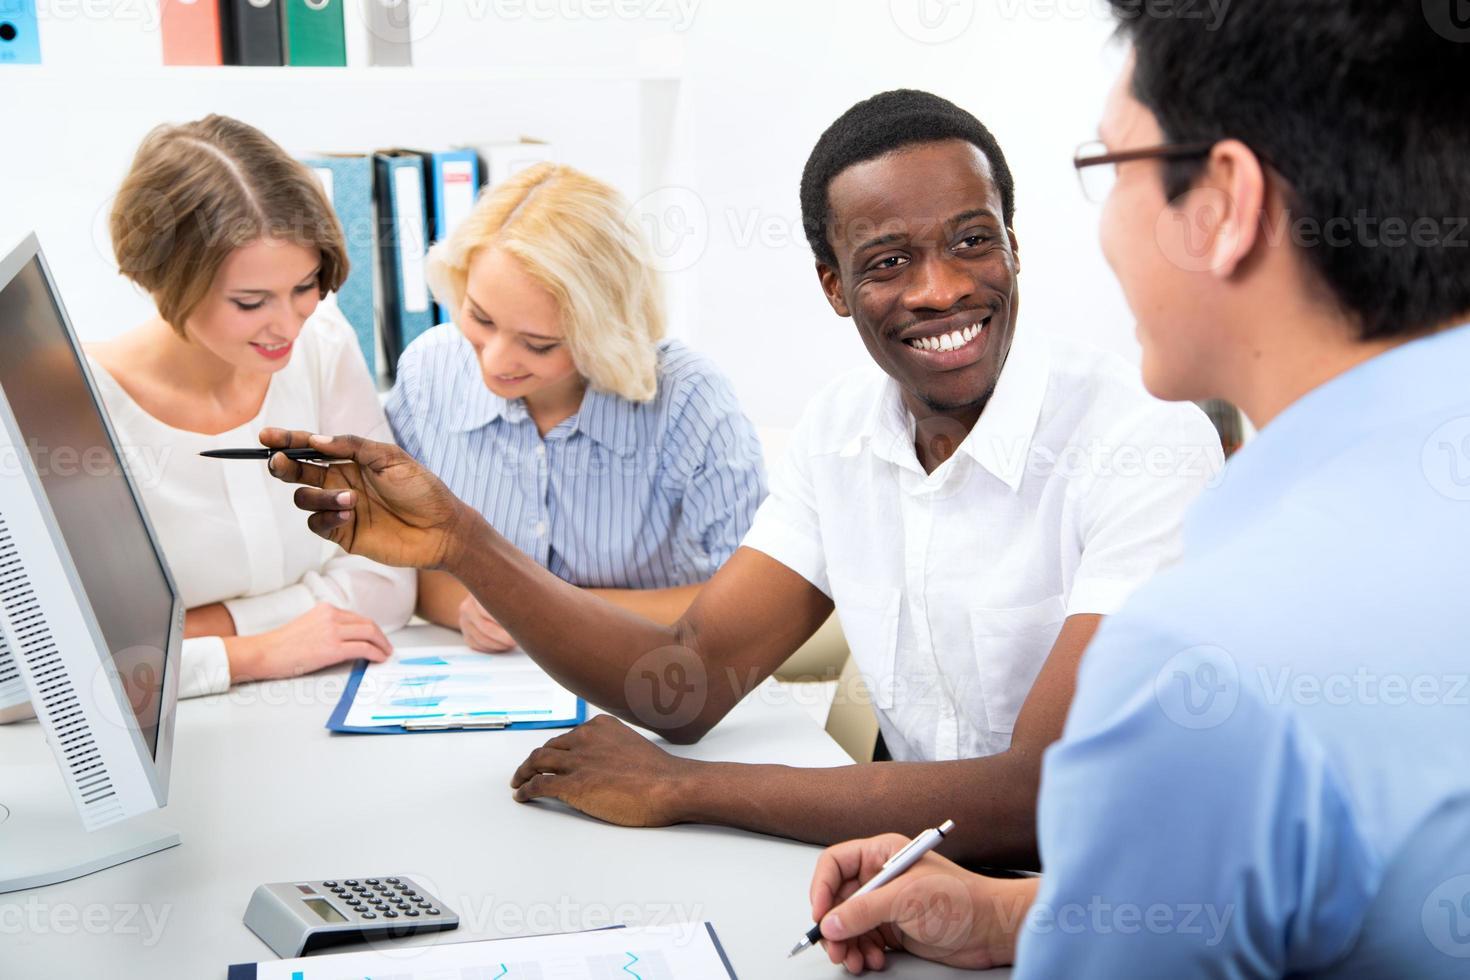 felici uomini d'affari riuniti intorno al computer portatile foto